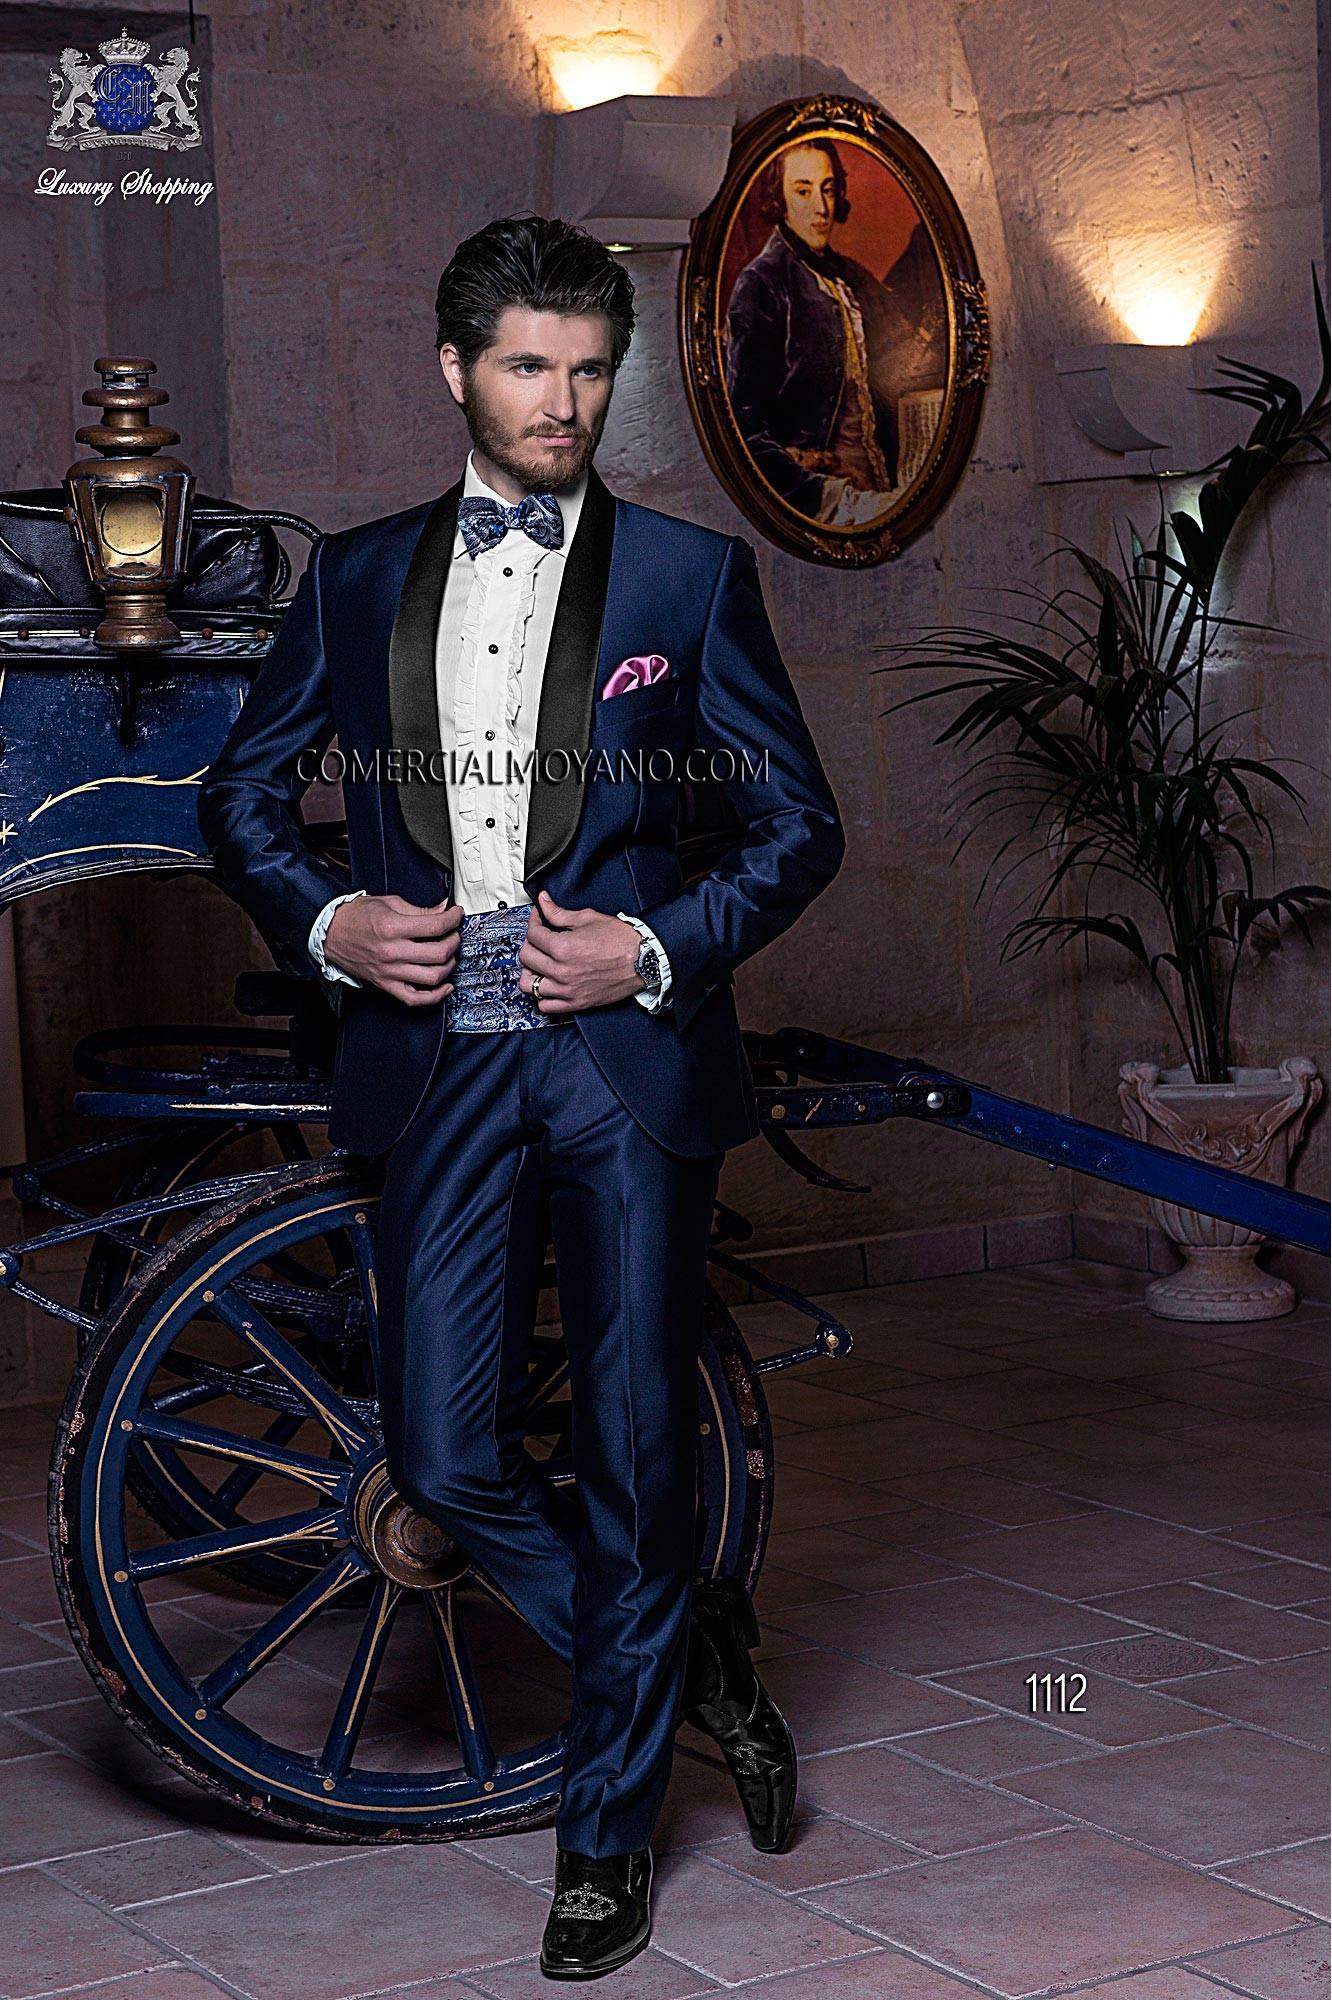 Traje de novio italiano esmoquin azul a medida en tejido new performance con solapa chal de raso negro, modelo 1112 Ottavio Nuccio Gala colección Black Tie 2015.